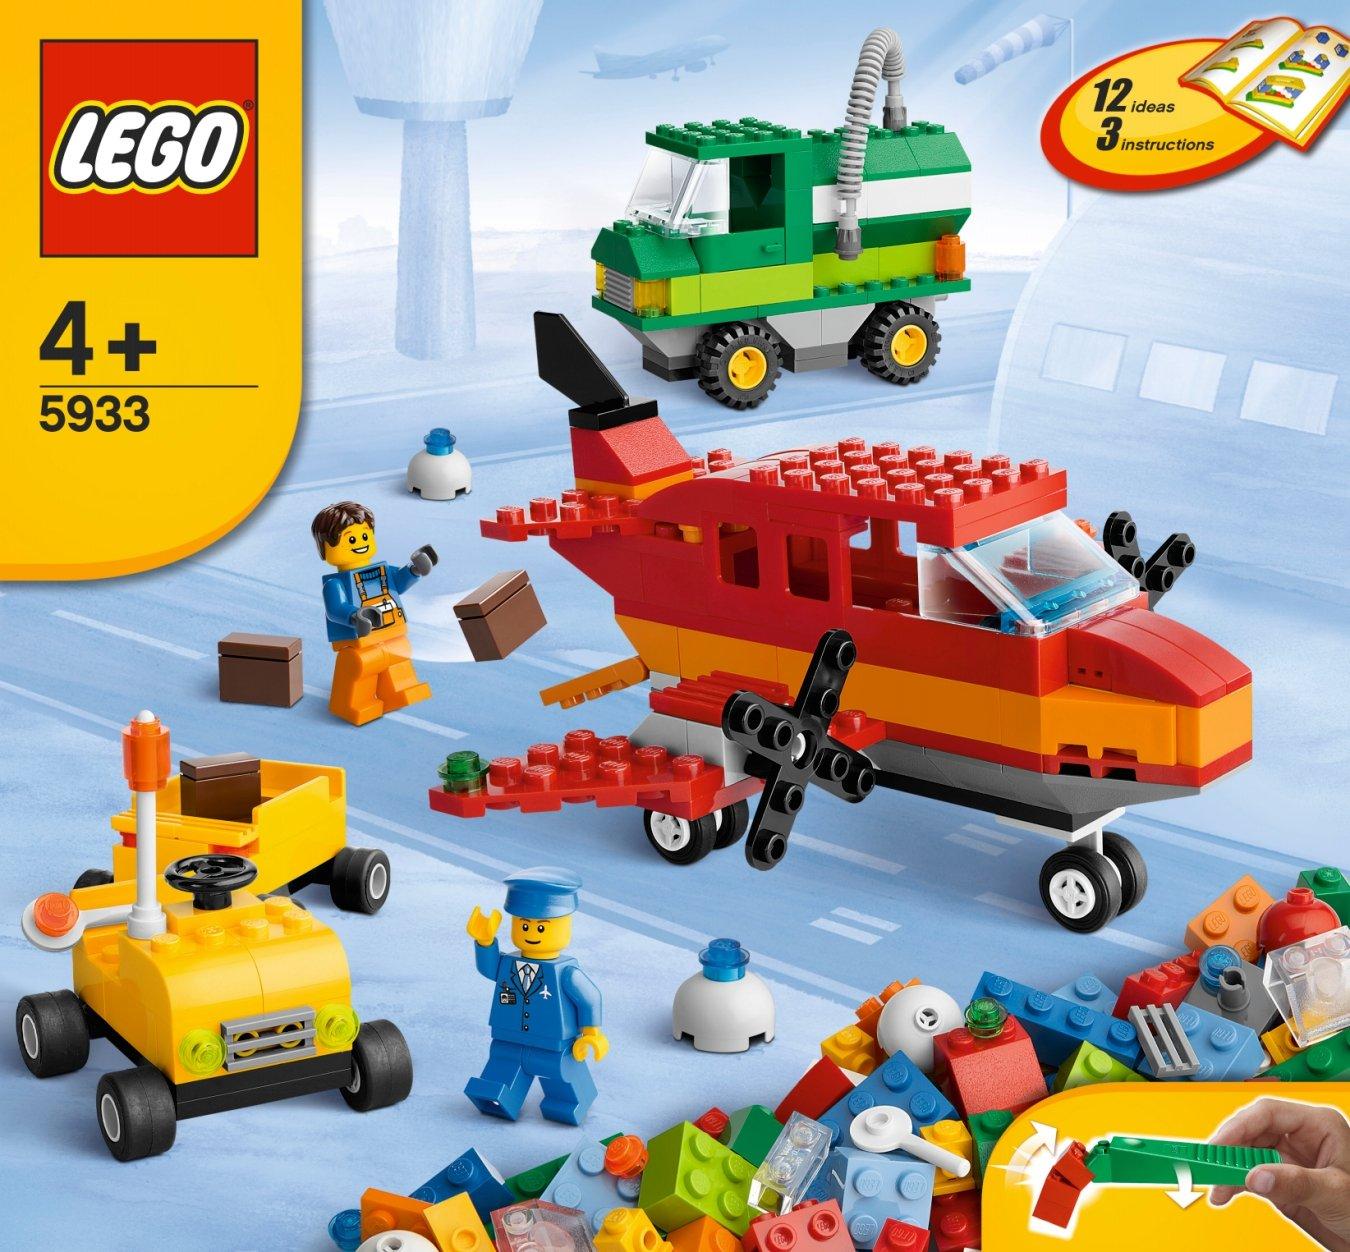 Aeroporto Lego : Lego duplo lego set di costruzione aeroporto amazon